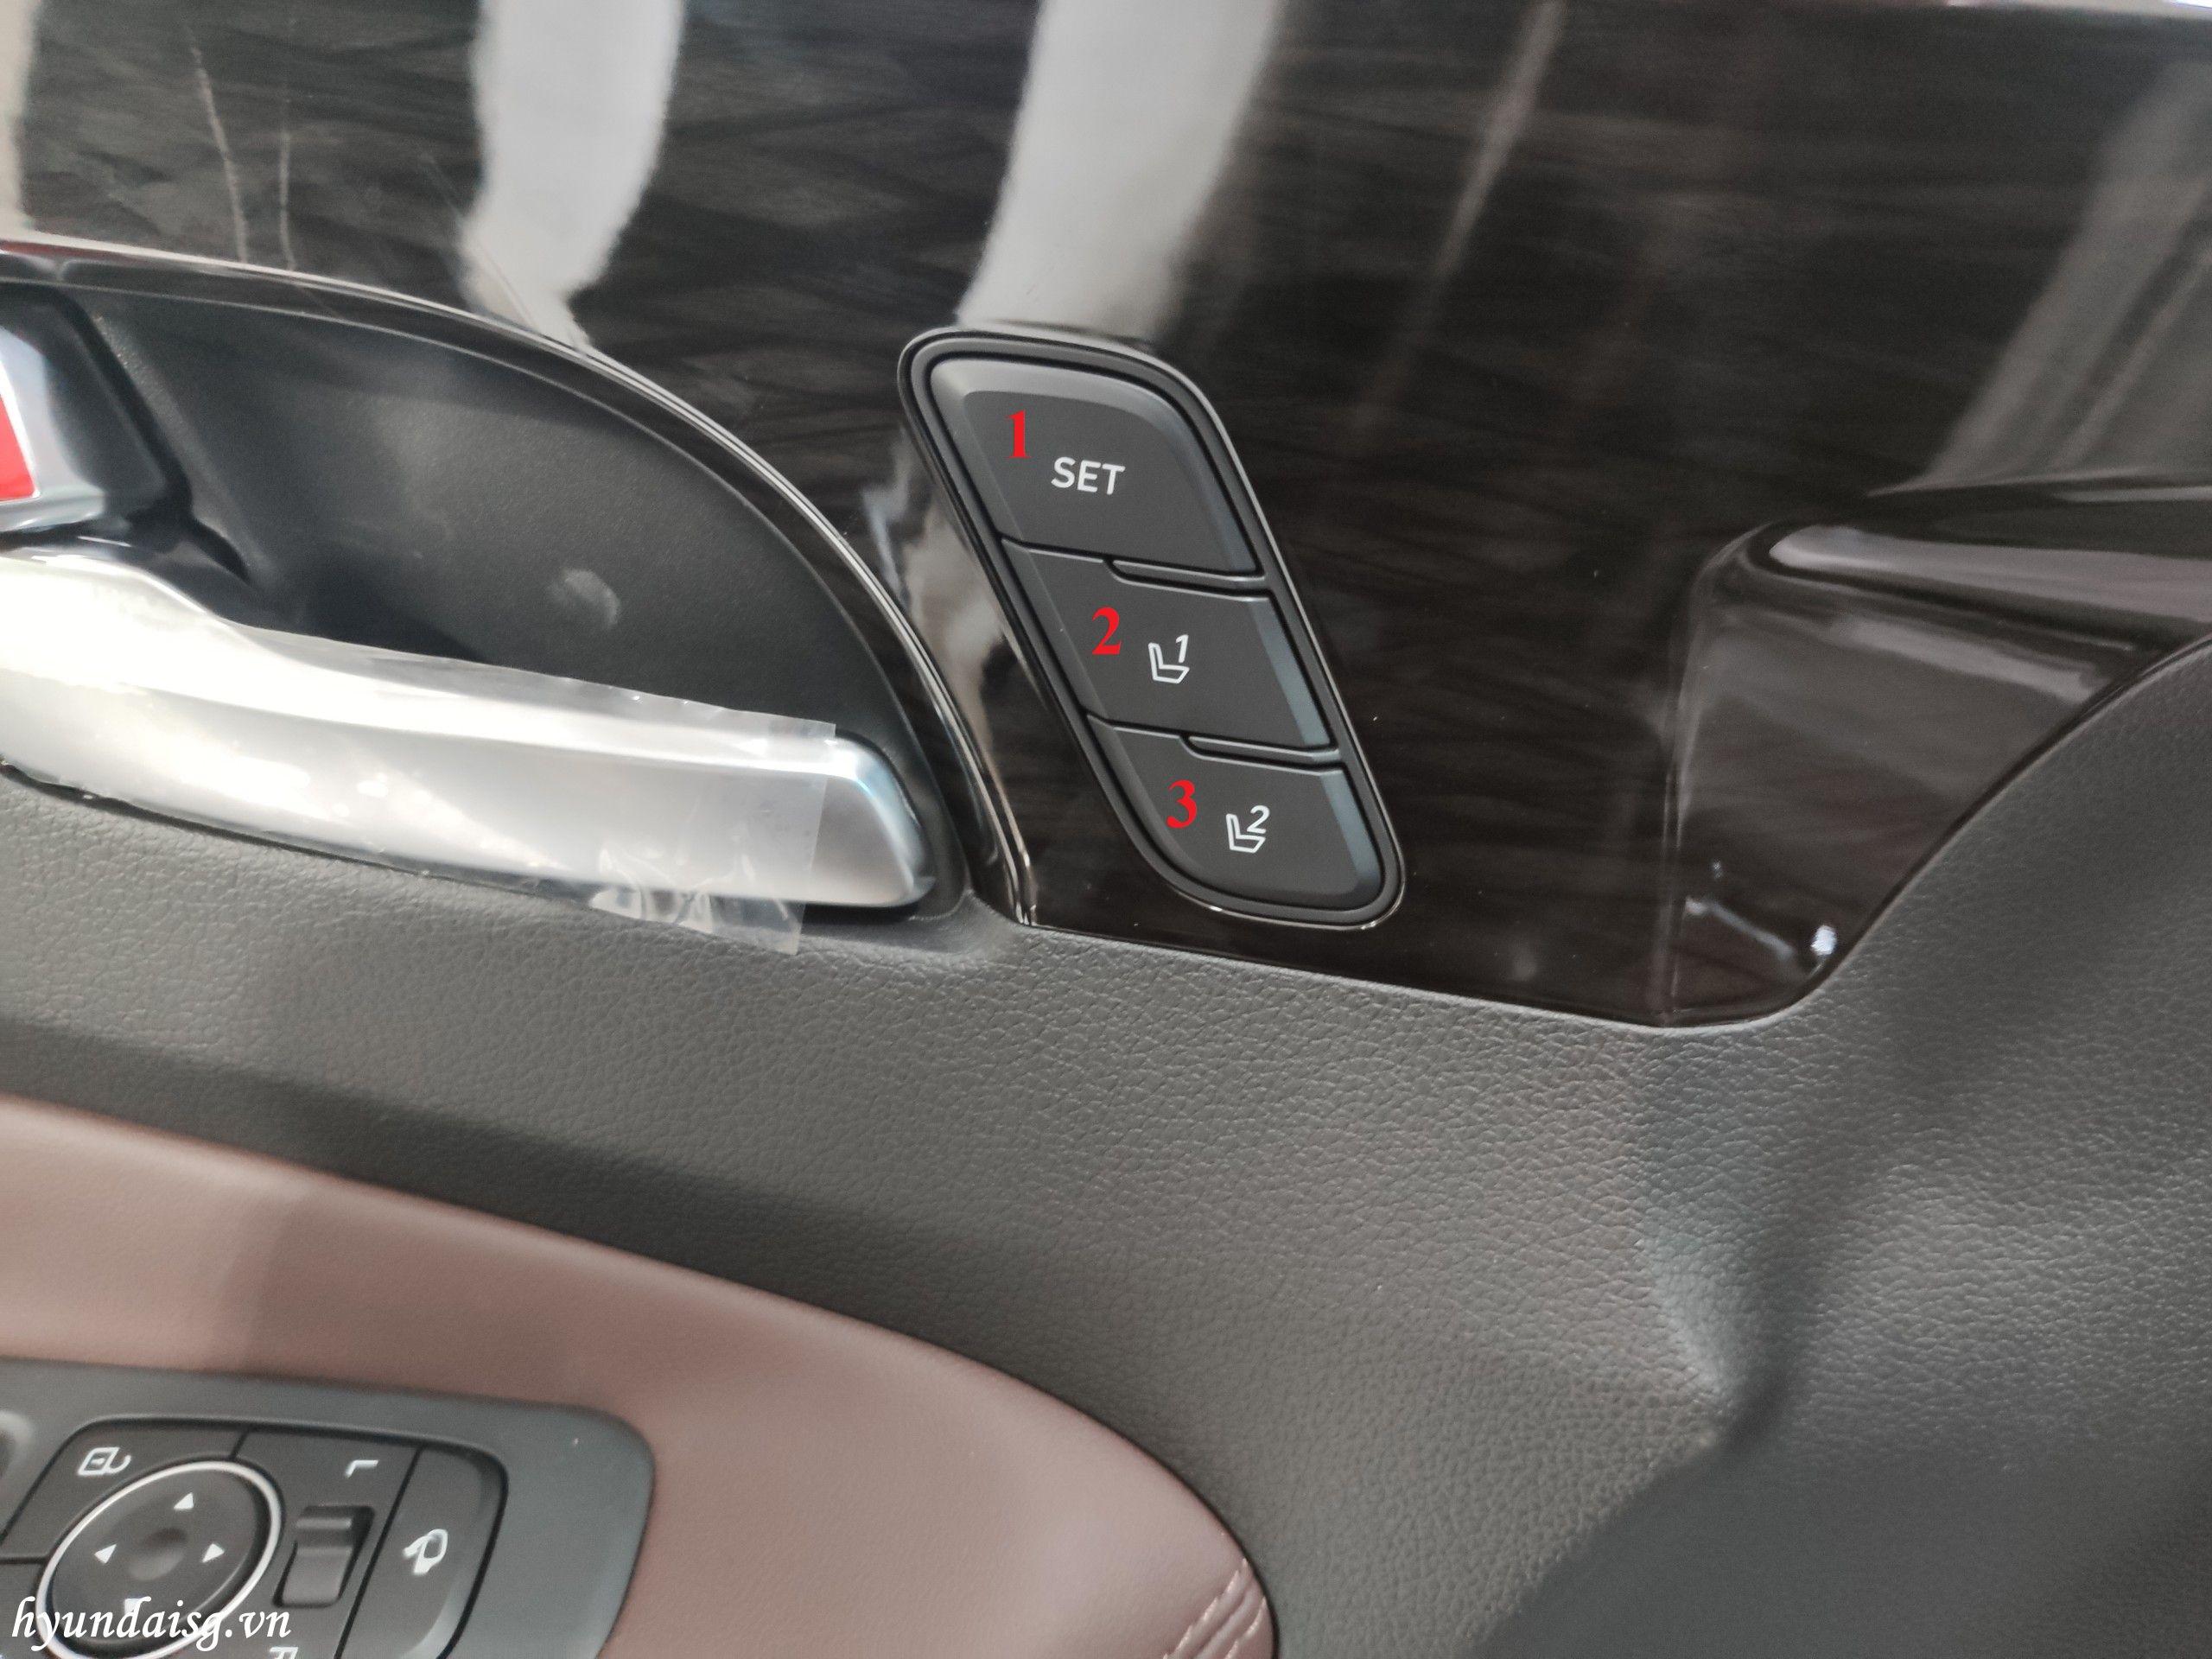 Hình Ảnh Hướng dẫn sử dụng xe Hyundai Santafe cho người mới 34